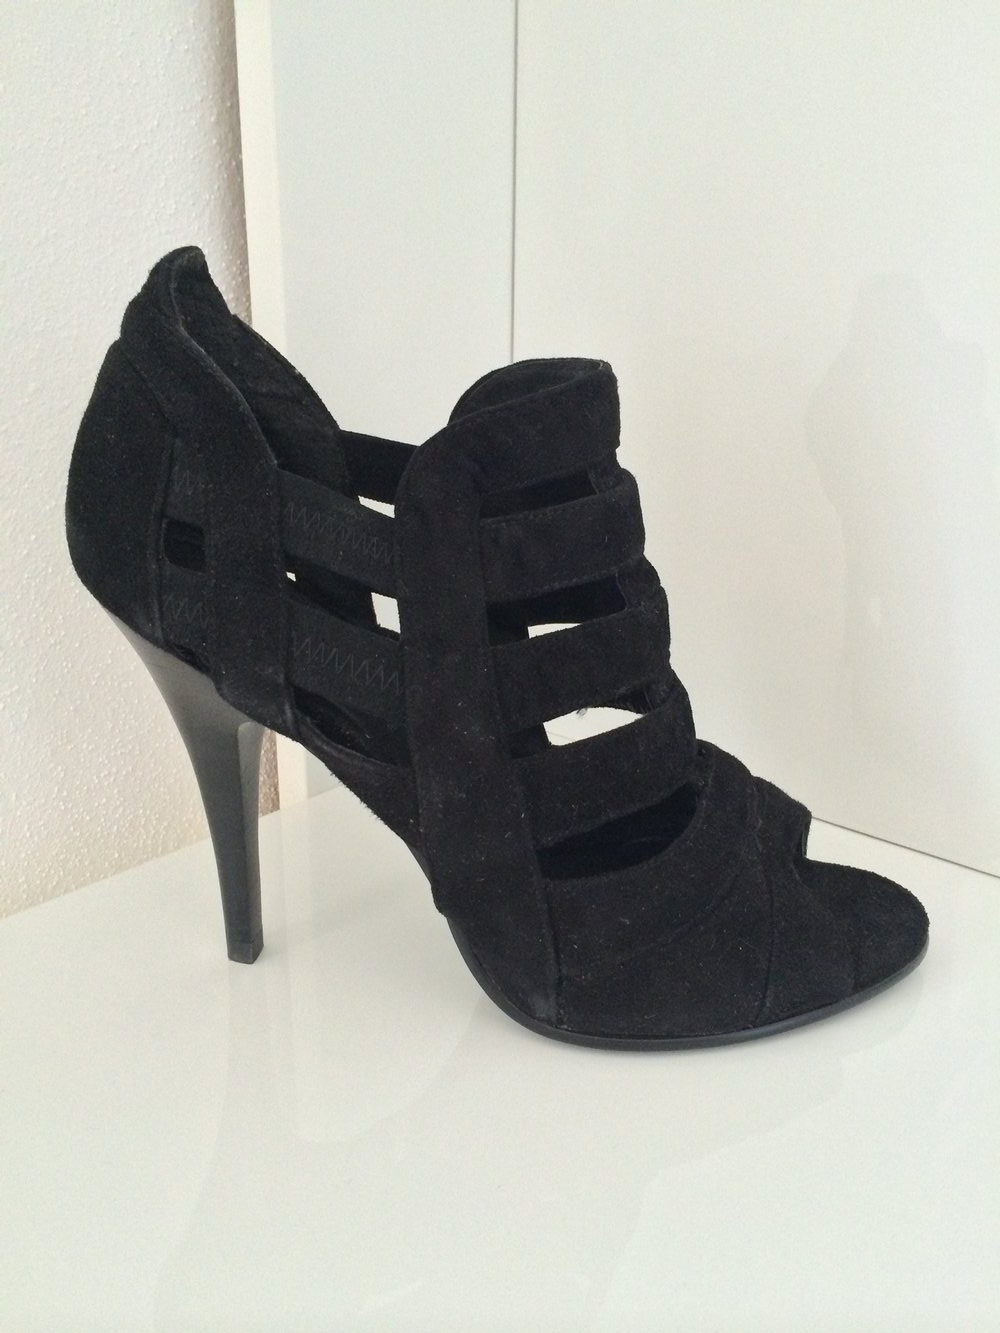 Damen Leder Hochfront Pumps von 5th Avenue in schwarz